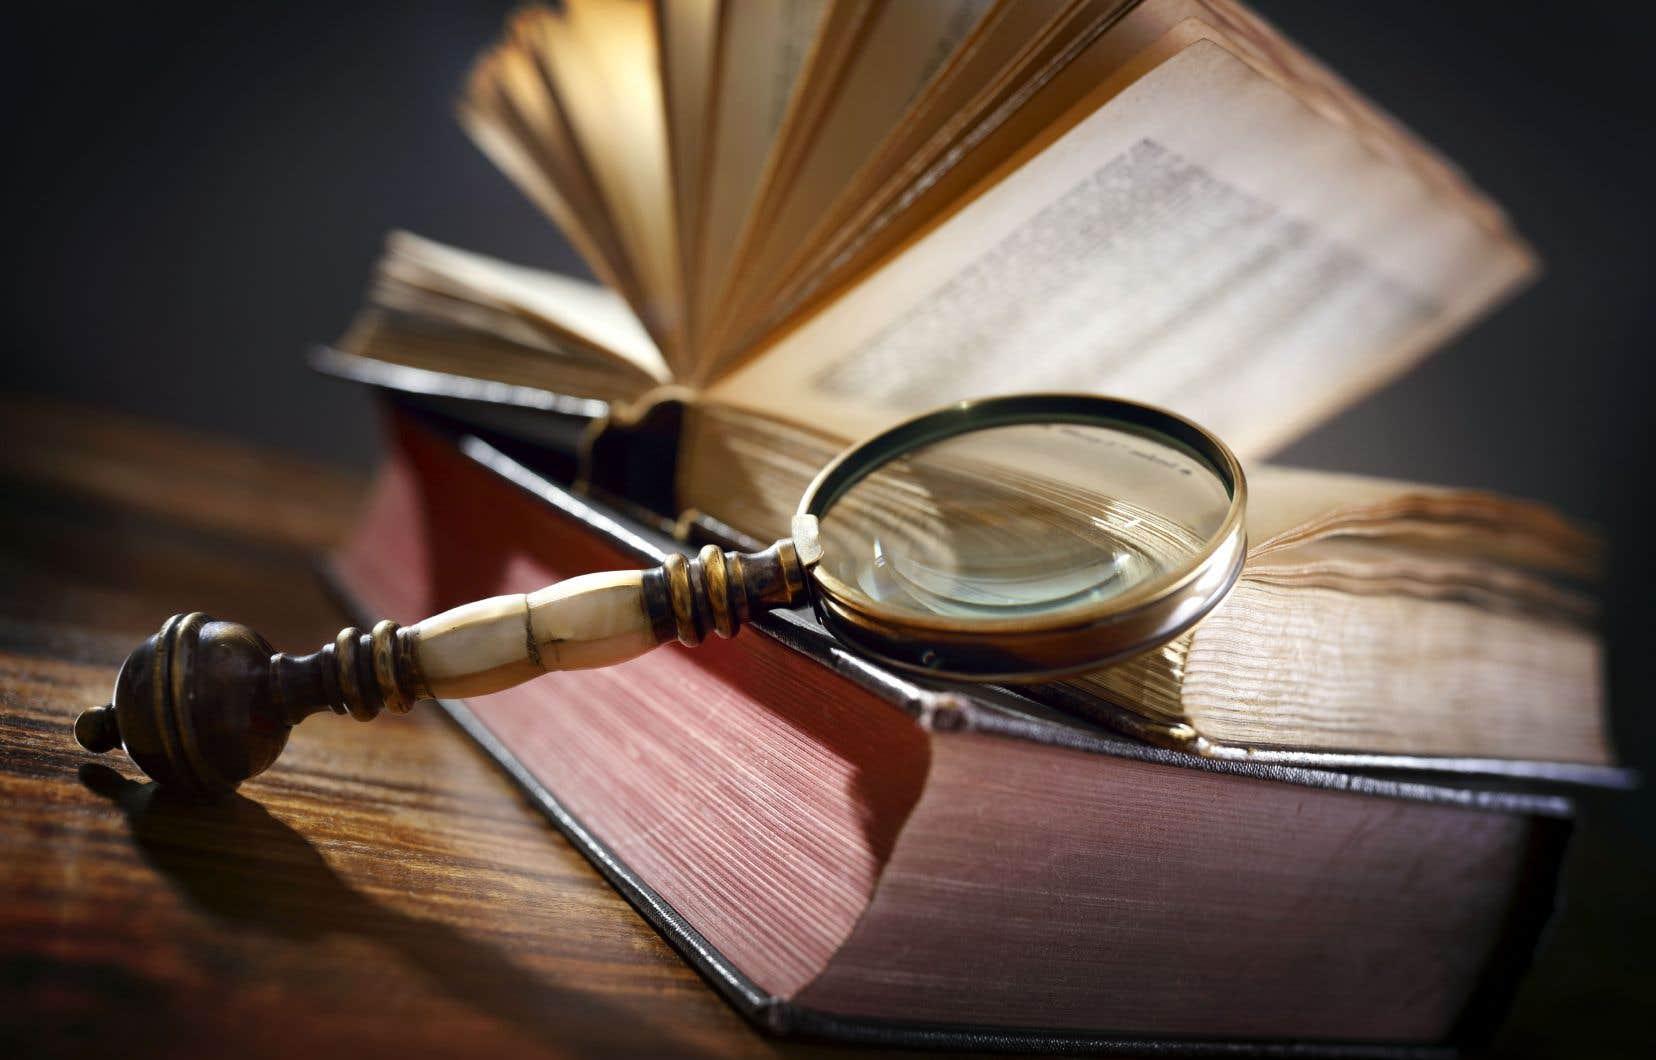 Le faussaire en question, un grand admirateur de Galilée et «expert» en livres anciens, raconte dans les deux documentaires avec un plaisir évident comment il a réussi à fabriquer ce faux «parfait».